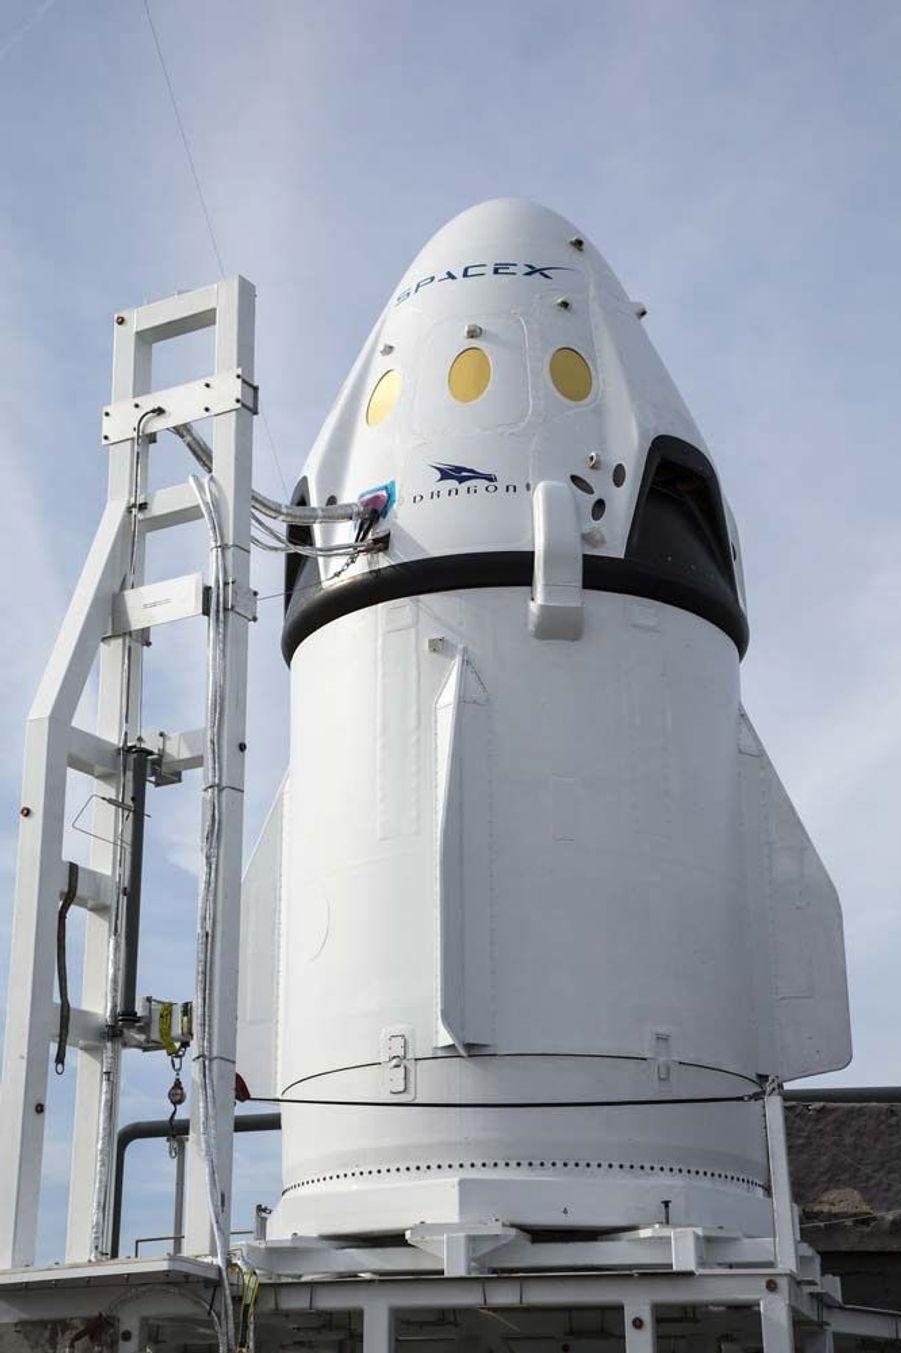 L'année 2015 a été riche en actualités spatiales. Entre les épisodesRosetta et Philaesur la comète Tchouri, ladécouverte d'eau liquidesur Mars,les magnifiques clichésde la planète naine Pluton,la conquête spatialede Jeff Bezos, oules mystérieuses lumières de Cérès, les mordus d'étoiles ont été servis.A la fin de l'année 2016, SpaceX fera encore couler de l'encre avec sa navette Dragon V2, qui a été choisie par la Nasa pour transporter des astronautes vers l'ISS. Las, le vaisseau de la société du milliardaire Elon Musk, actuel propriétaire de Tesla, est hors service depuis 2011. Dragon V2 devrait alors passer des vols d'essais à cette période pour tester sa fiabilité. Si les tests sont concluants, SpaceX pourrait entamer des vols habités en 2017.